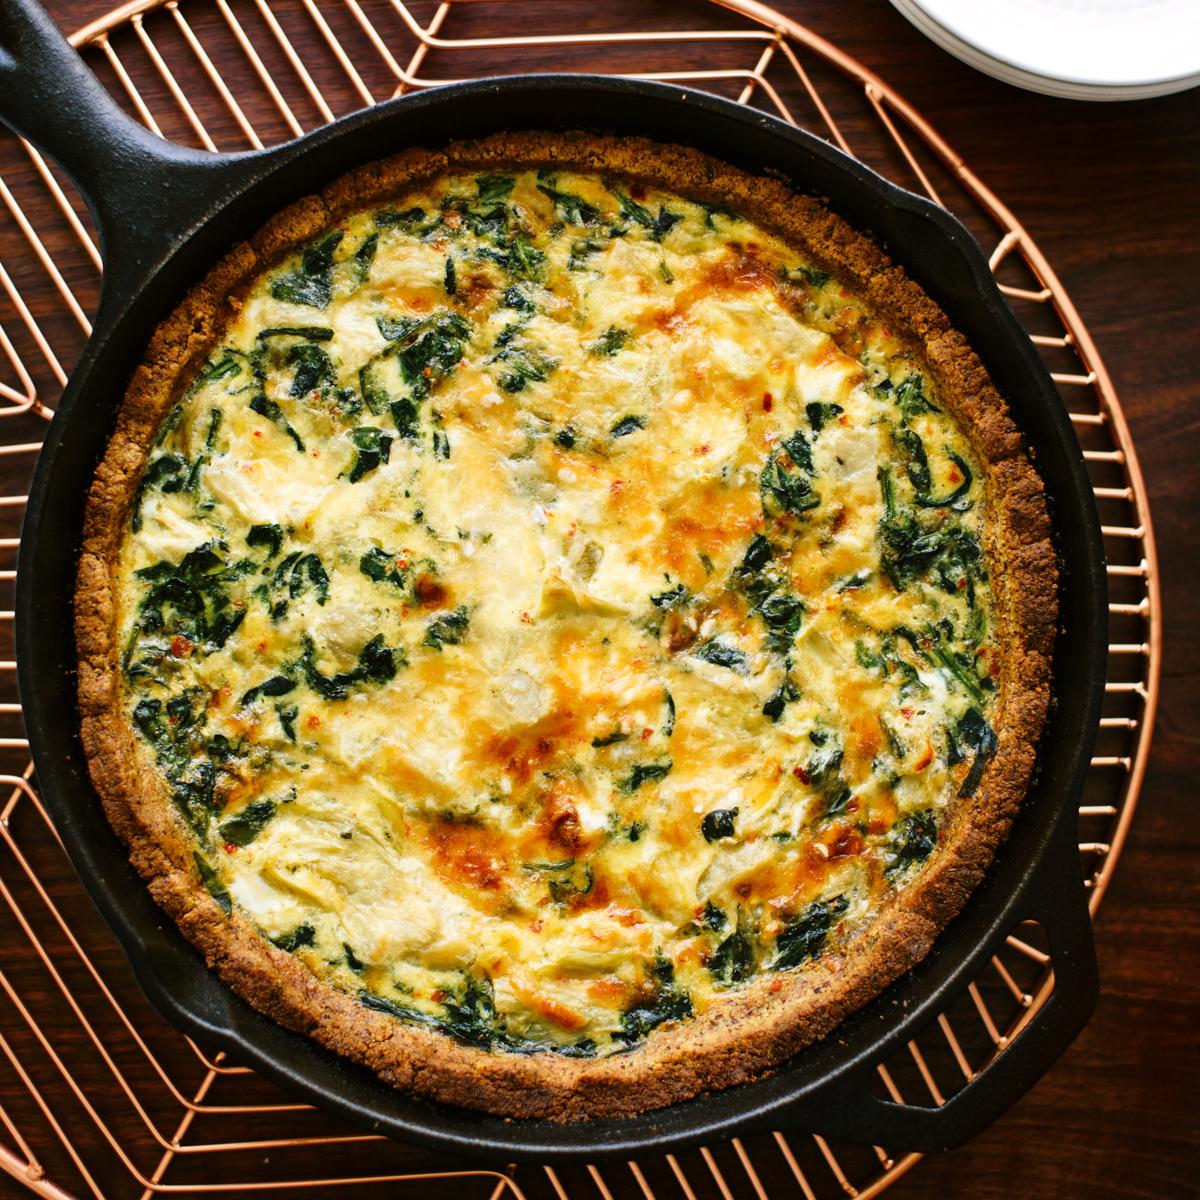 Rezept für Spinat Quiche ©Kathryne Taylor